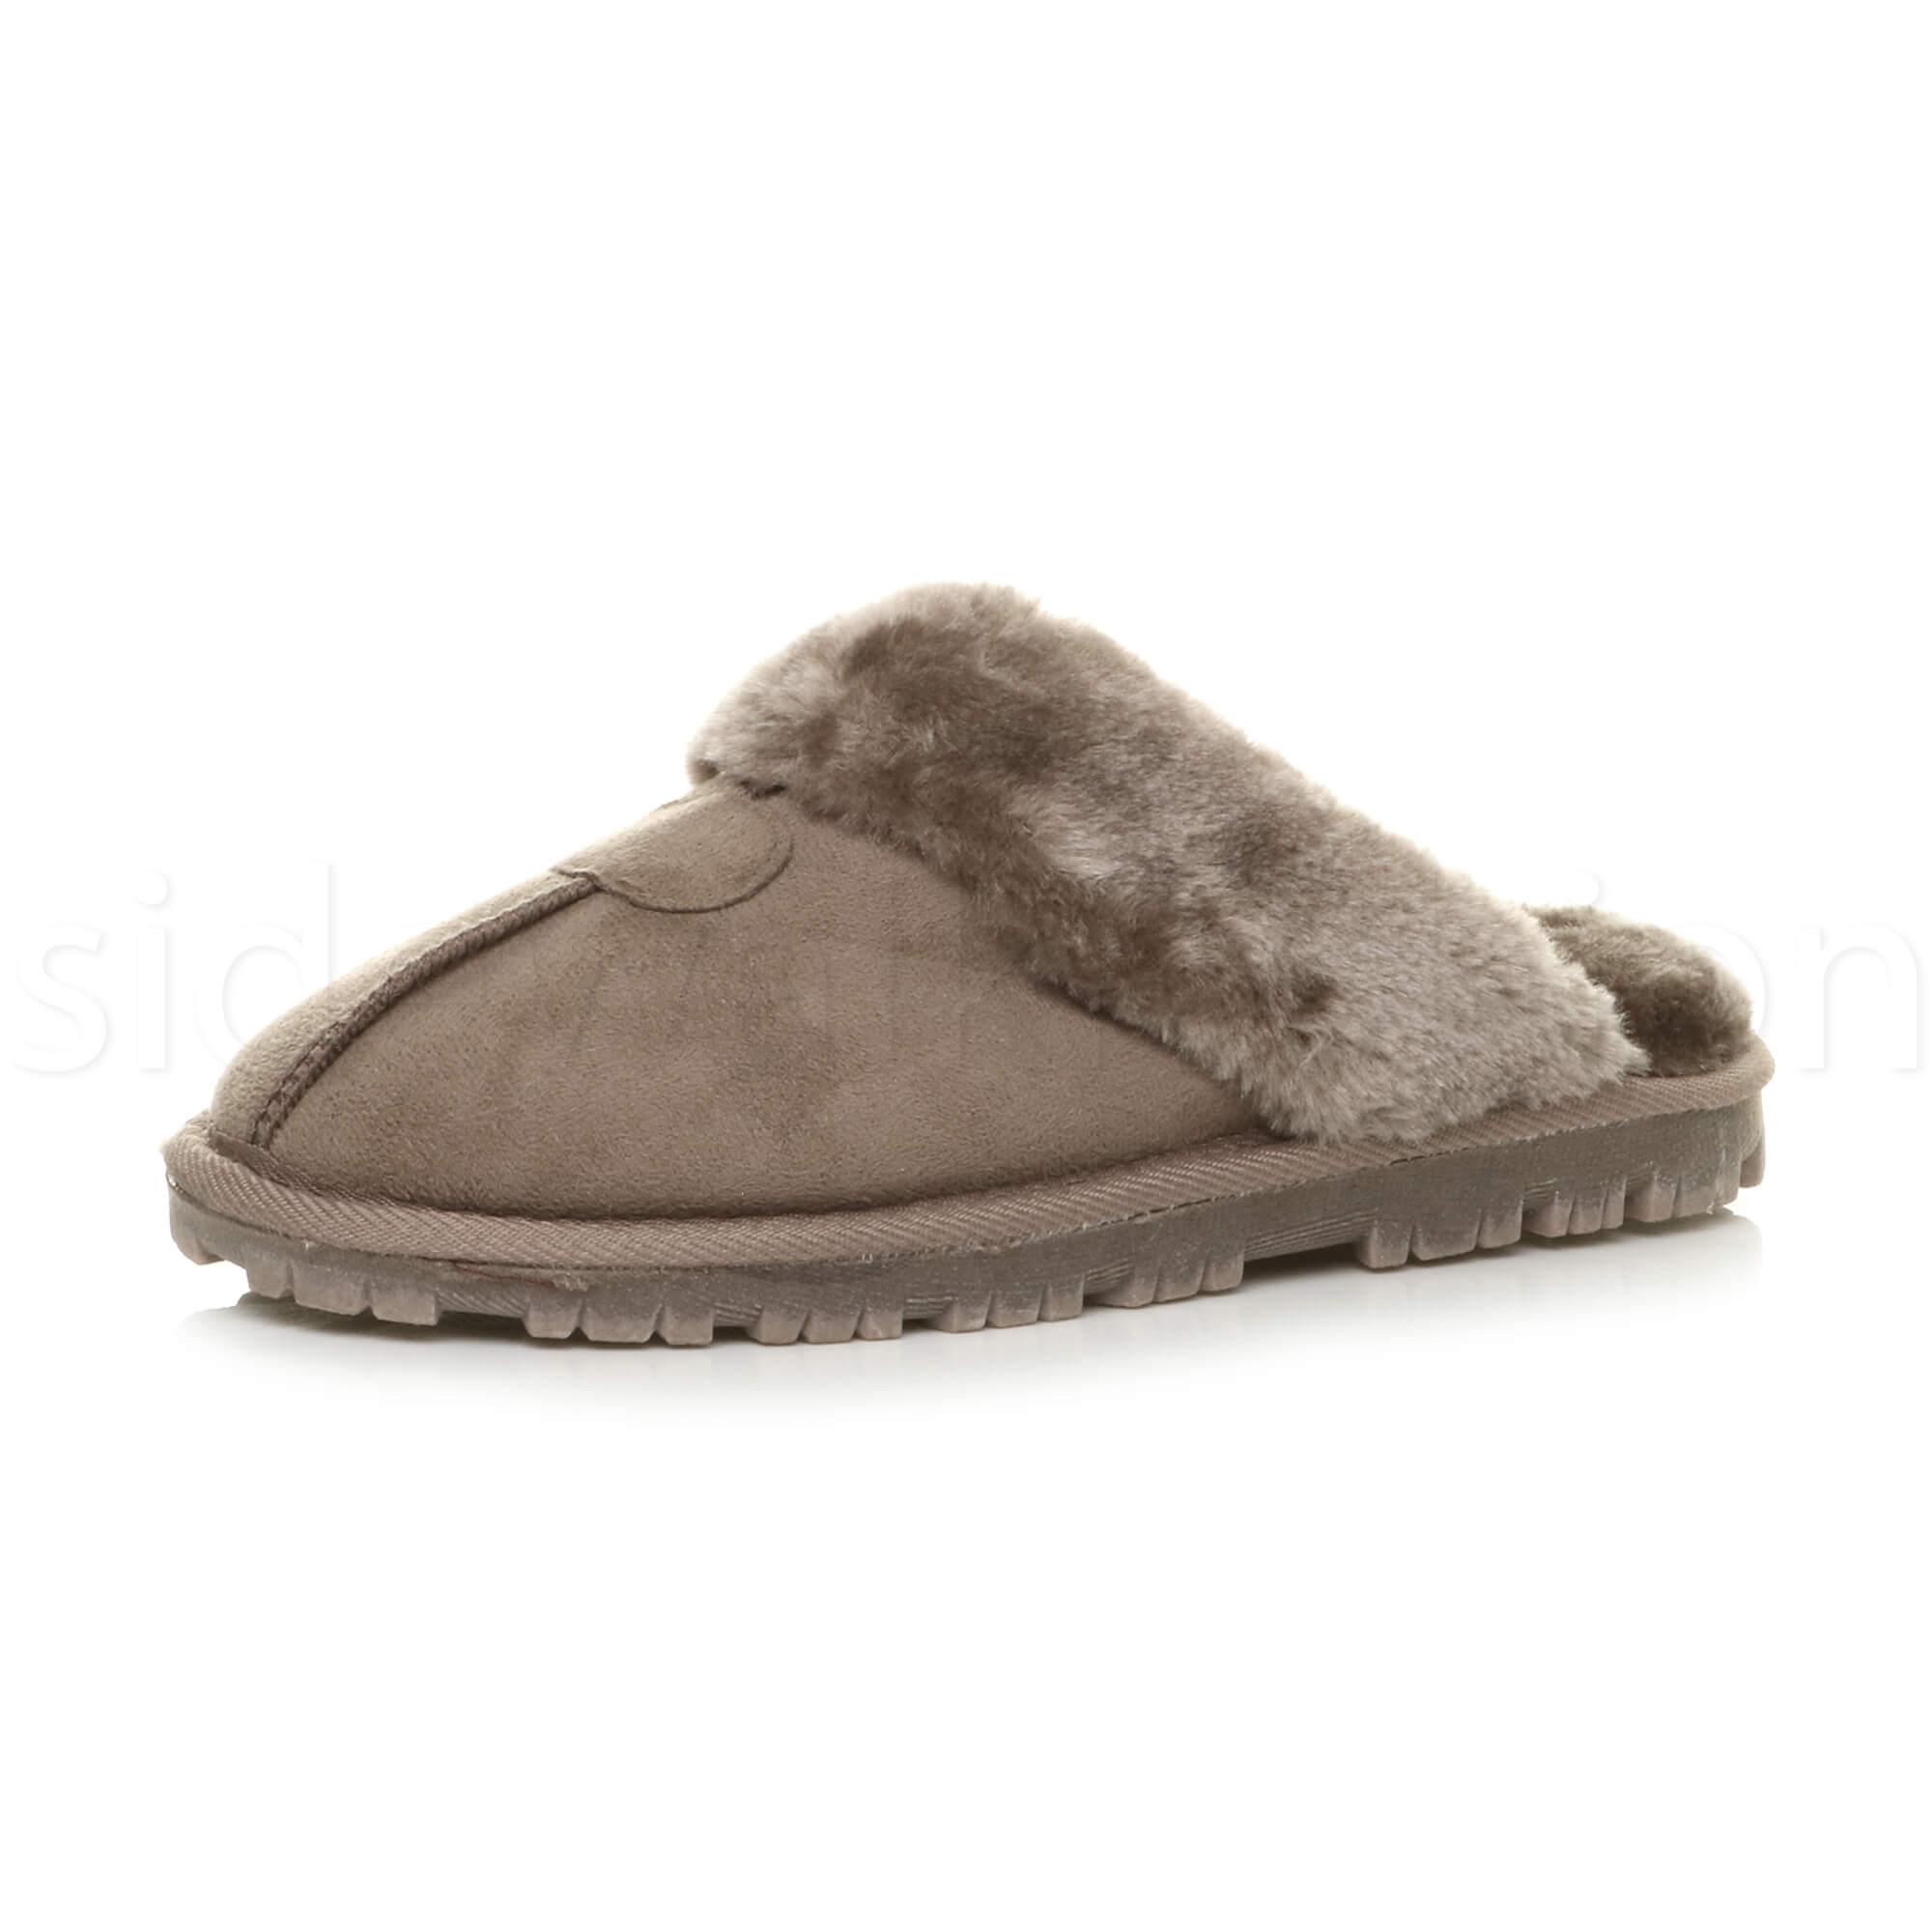 Donna-Inverno-Pelliccia-con-lusso-confortevole-Pantofole-Regalo-accogliente-Muli-Size